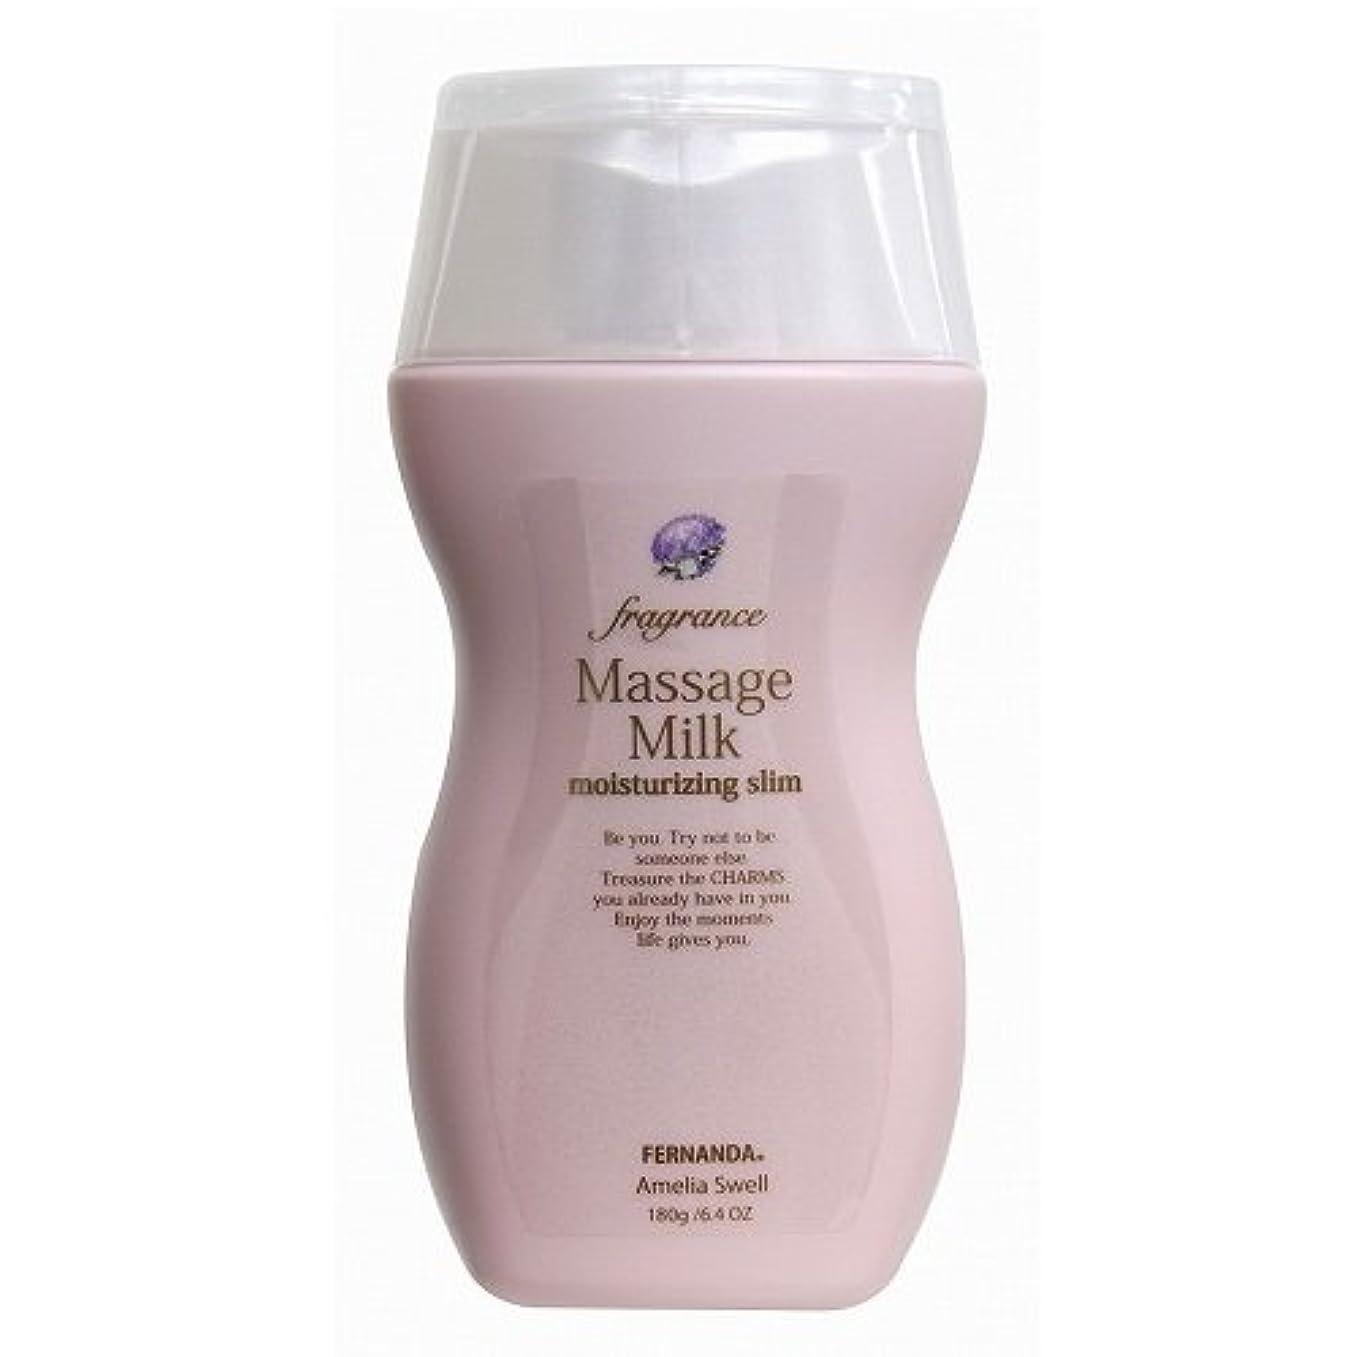 可能記事利用可能FERNANDA(フェルナンダ) Massage Milk Amelia Swell (マッサージミルク アメリアスウェル)